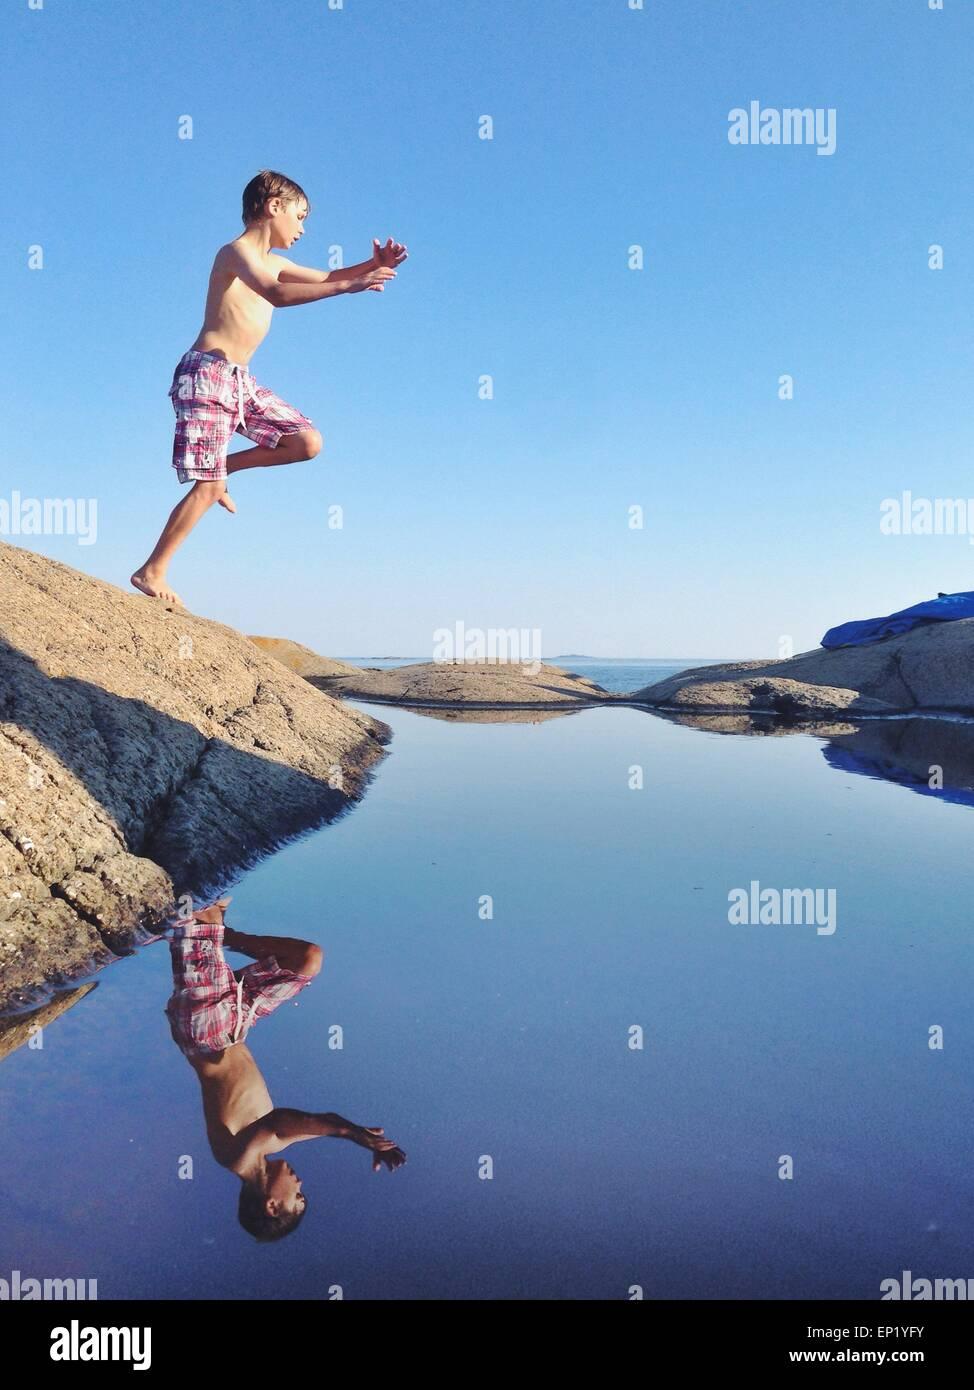 Muchacho saltando desde una roca en el mar Imagen De Stock